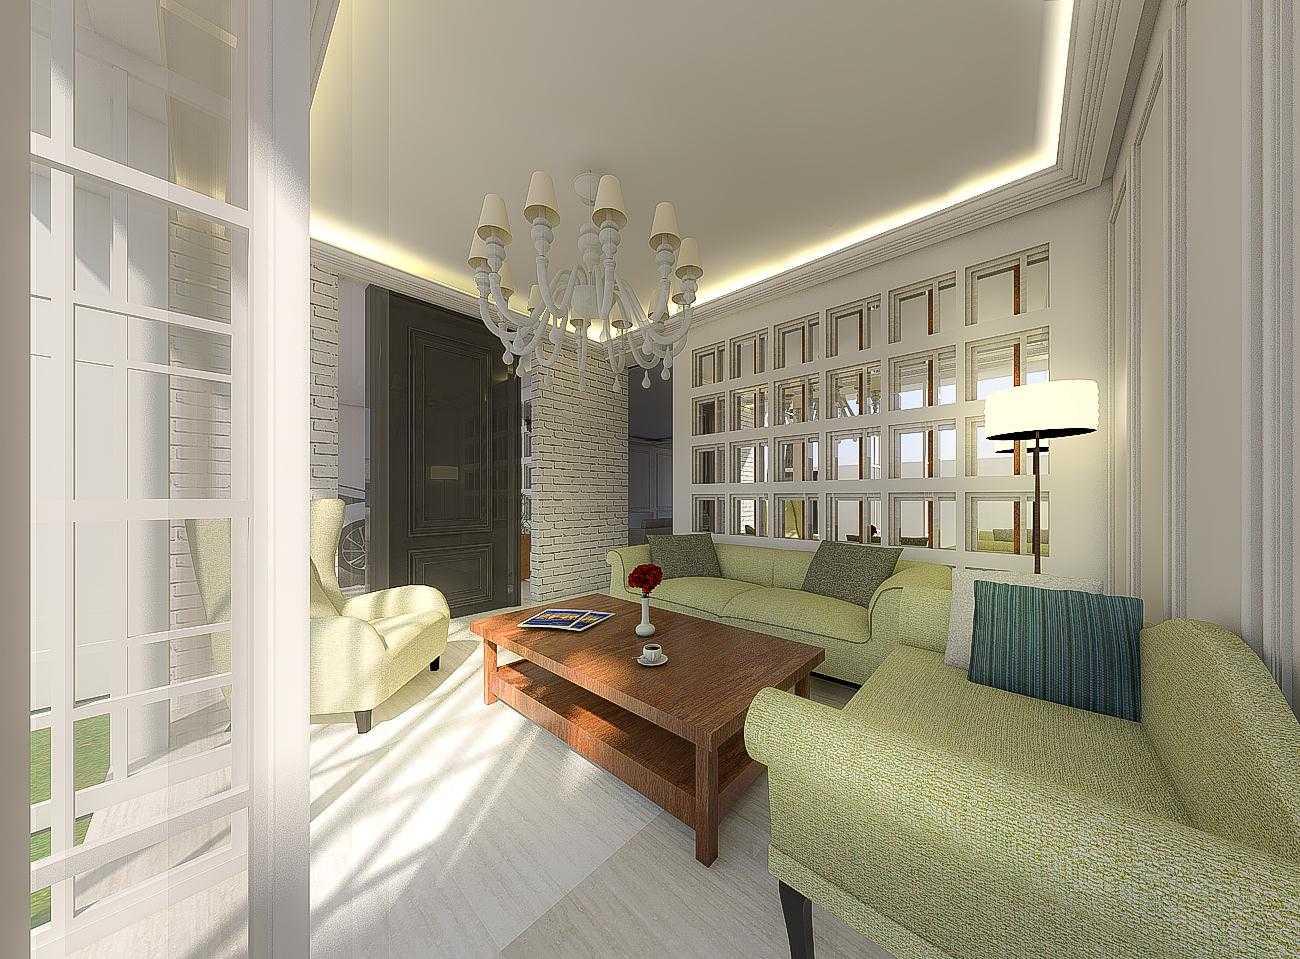 Cnd Architect Rumah Jati Asih Jatiasih, Kota Bks, Jawa Barat, Indonesia Jatiasih, Kota Bks, Jawa Barat, Indonesia Living Room Kontemporer  43730